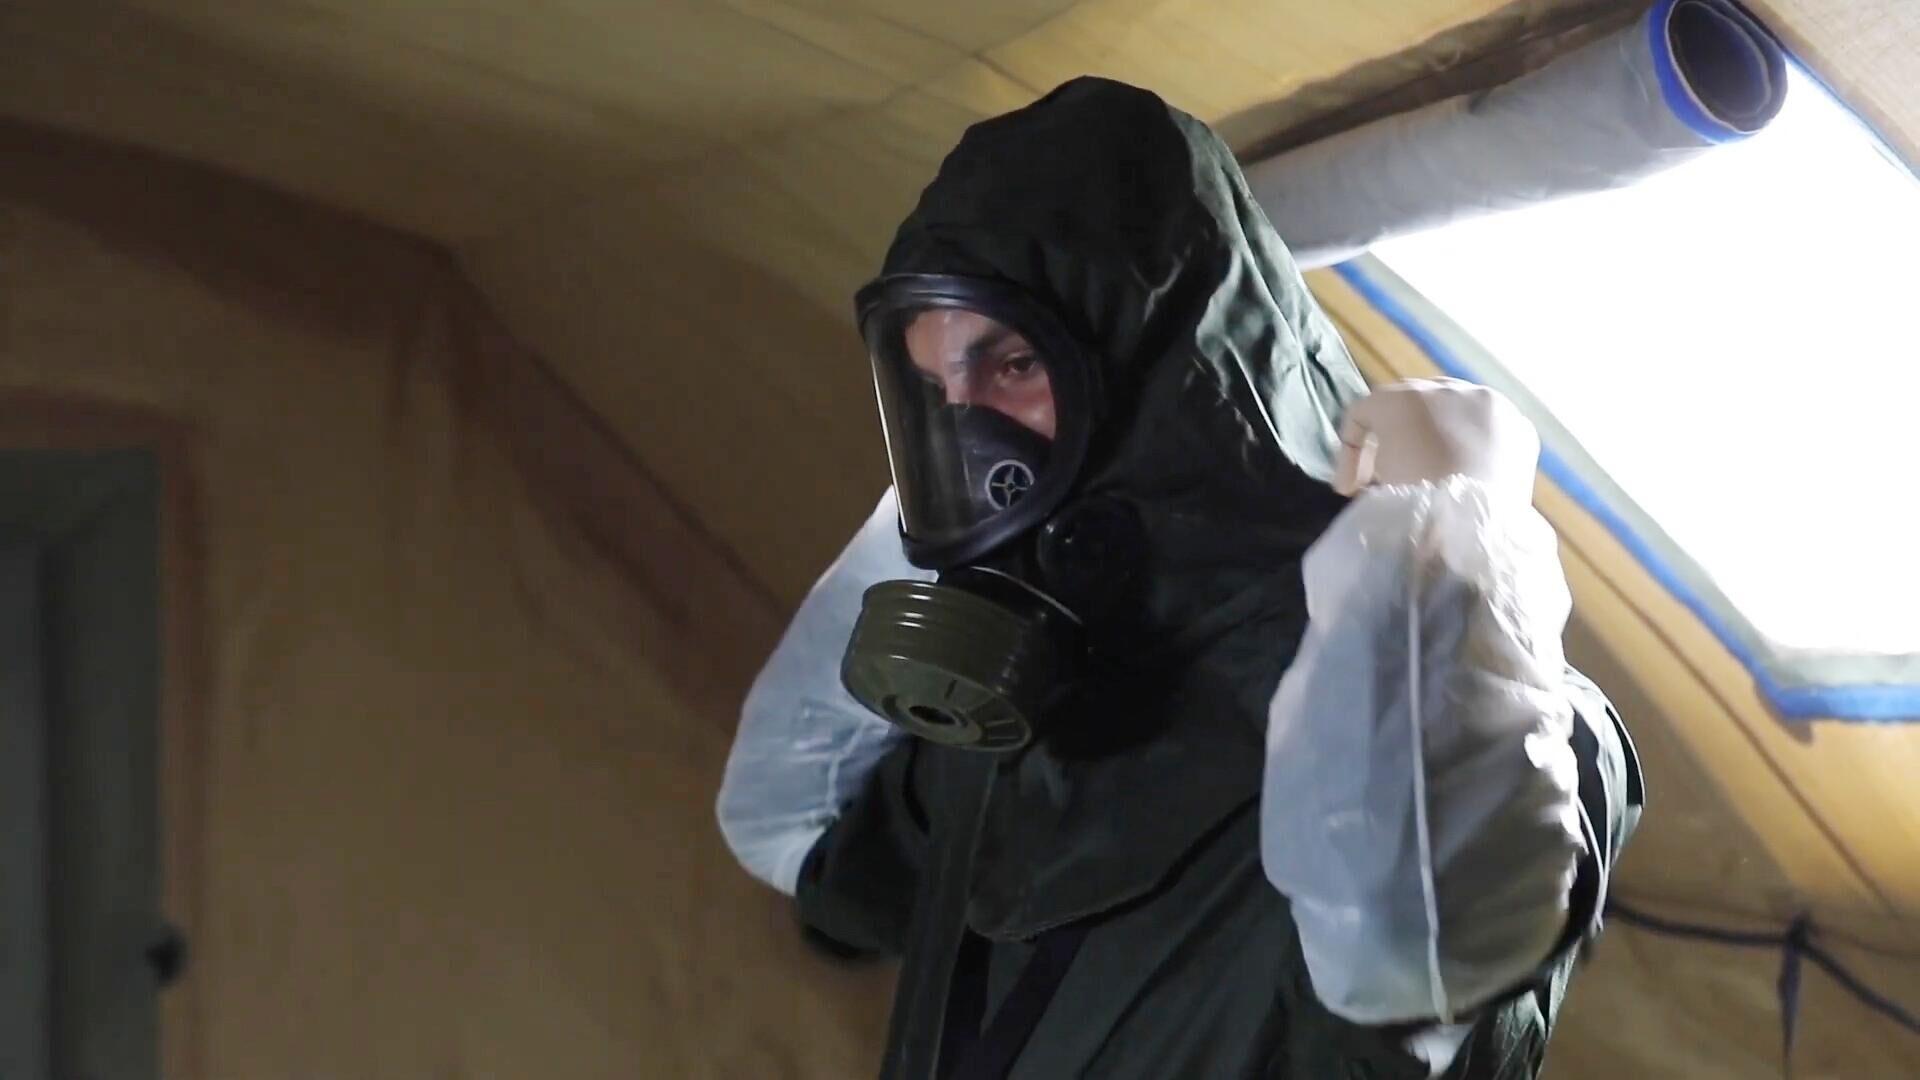 Военный медик одевает защитный костюм в полевом госпитале в Буйнакске - РИА Новости, 1920, 01.02.2021